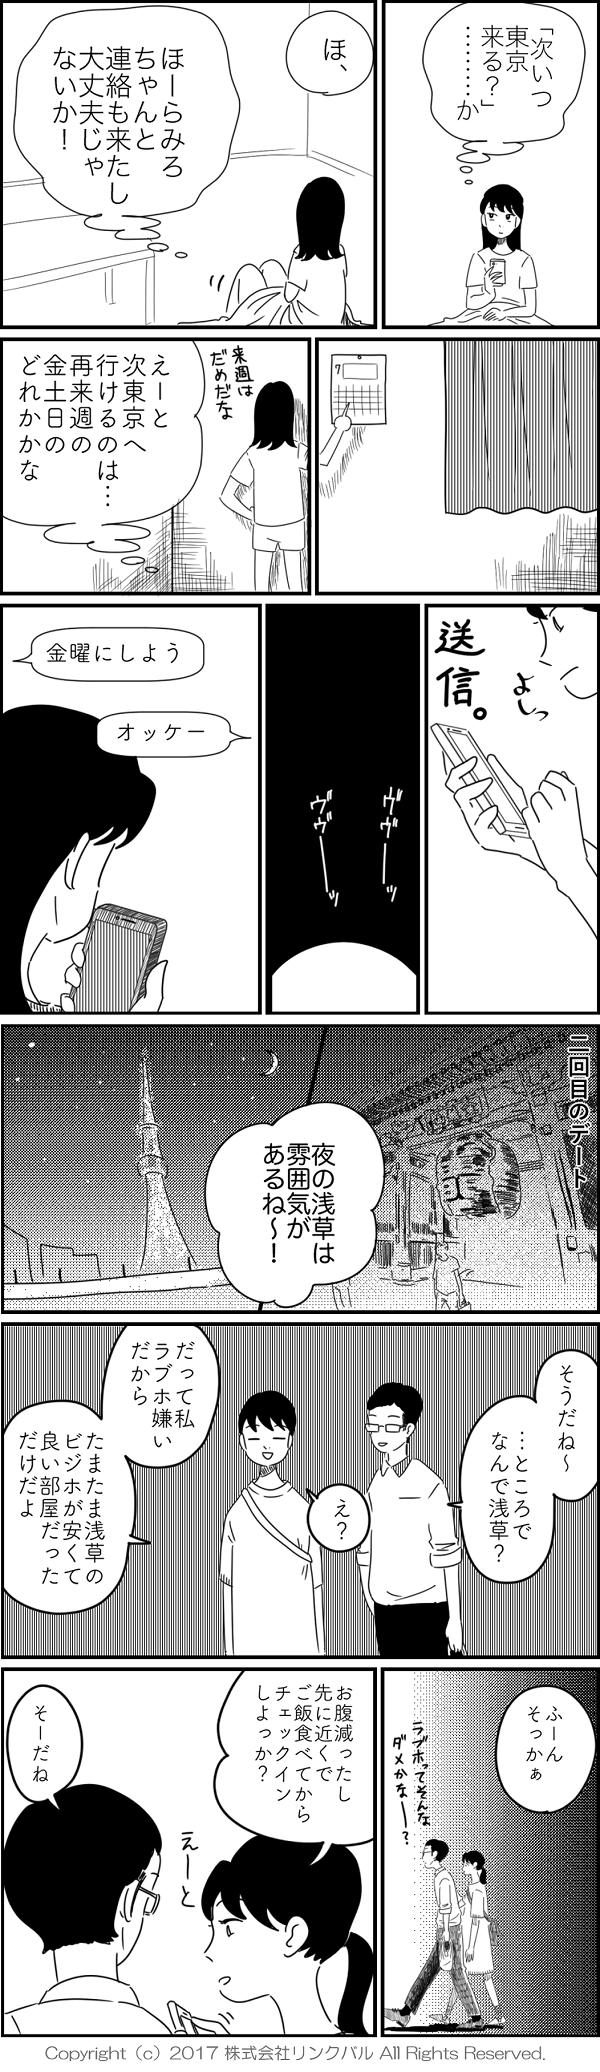 (「次いつ東京来る?」……か) (ほ、ほーらみろ ちゃんと連絡も来たし 大丈夫じゃないか!) (えーと次東京へ行けるのは…再来週の金土日のどれかかな) <金曜にしよう> <オッケー> 「夜の浅草は雰囲気があるね〜」 「そうだね〜…ところでなんで浅草?」 「え?だって私ラブホ嫌いだから たまたま浅草のビジホが安くて良い部屋だっただけだよ」 「ふーんそっかぁ」 「お腹減ったし先に近くでご飯食べてからチェックインしよっか?」 「そーだね」